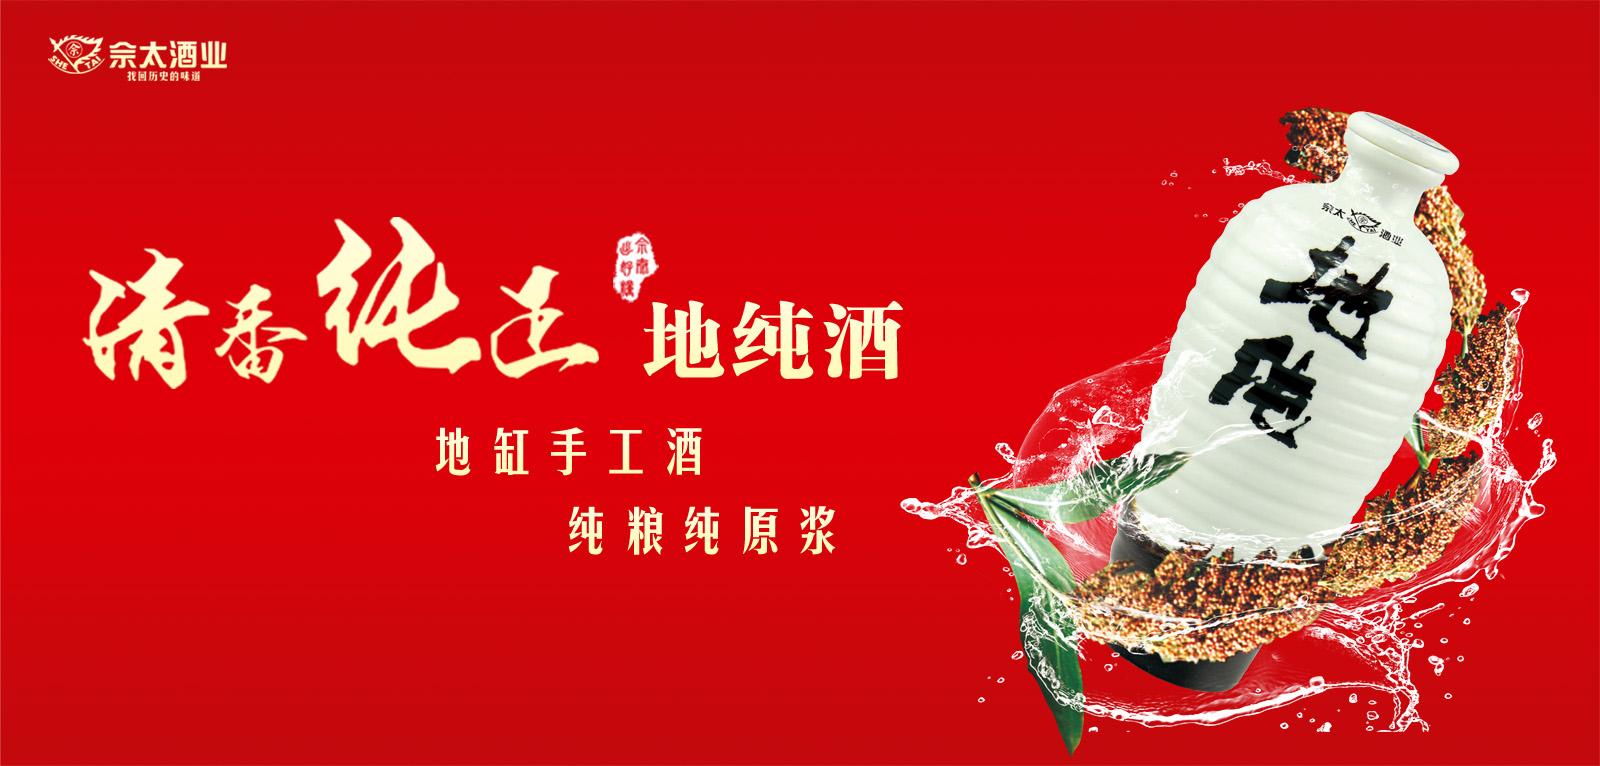 """佘太酒业党支部庆祝中国共产党成立99周年暨""""七一""""表彰会"""